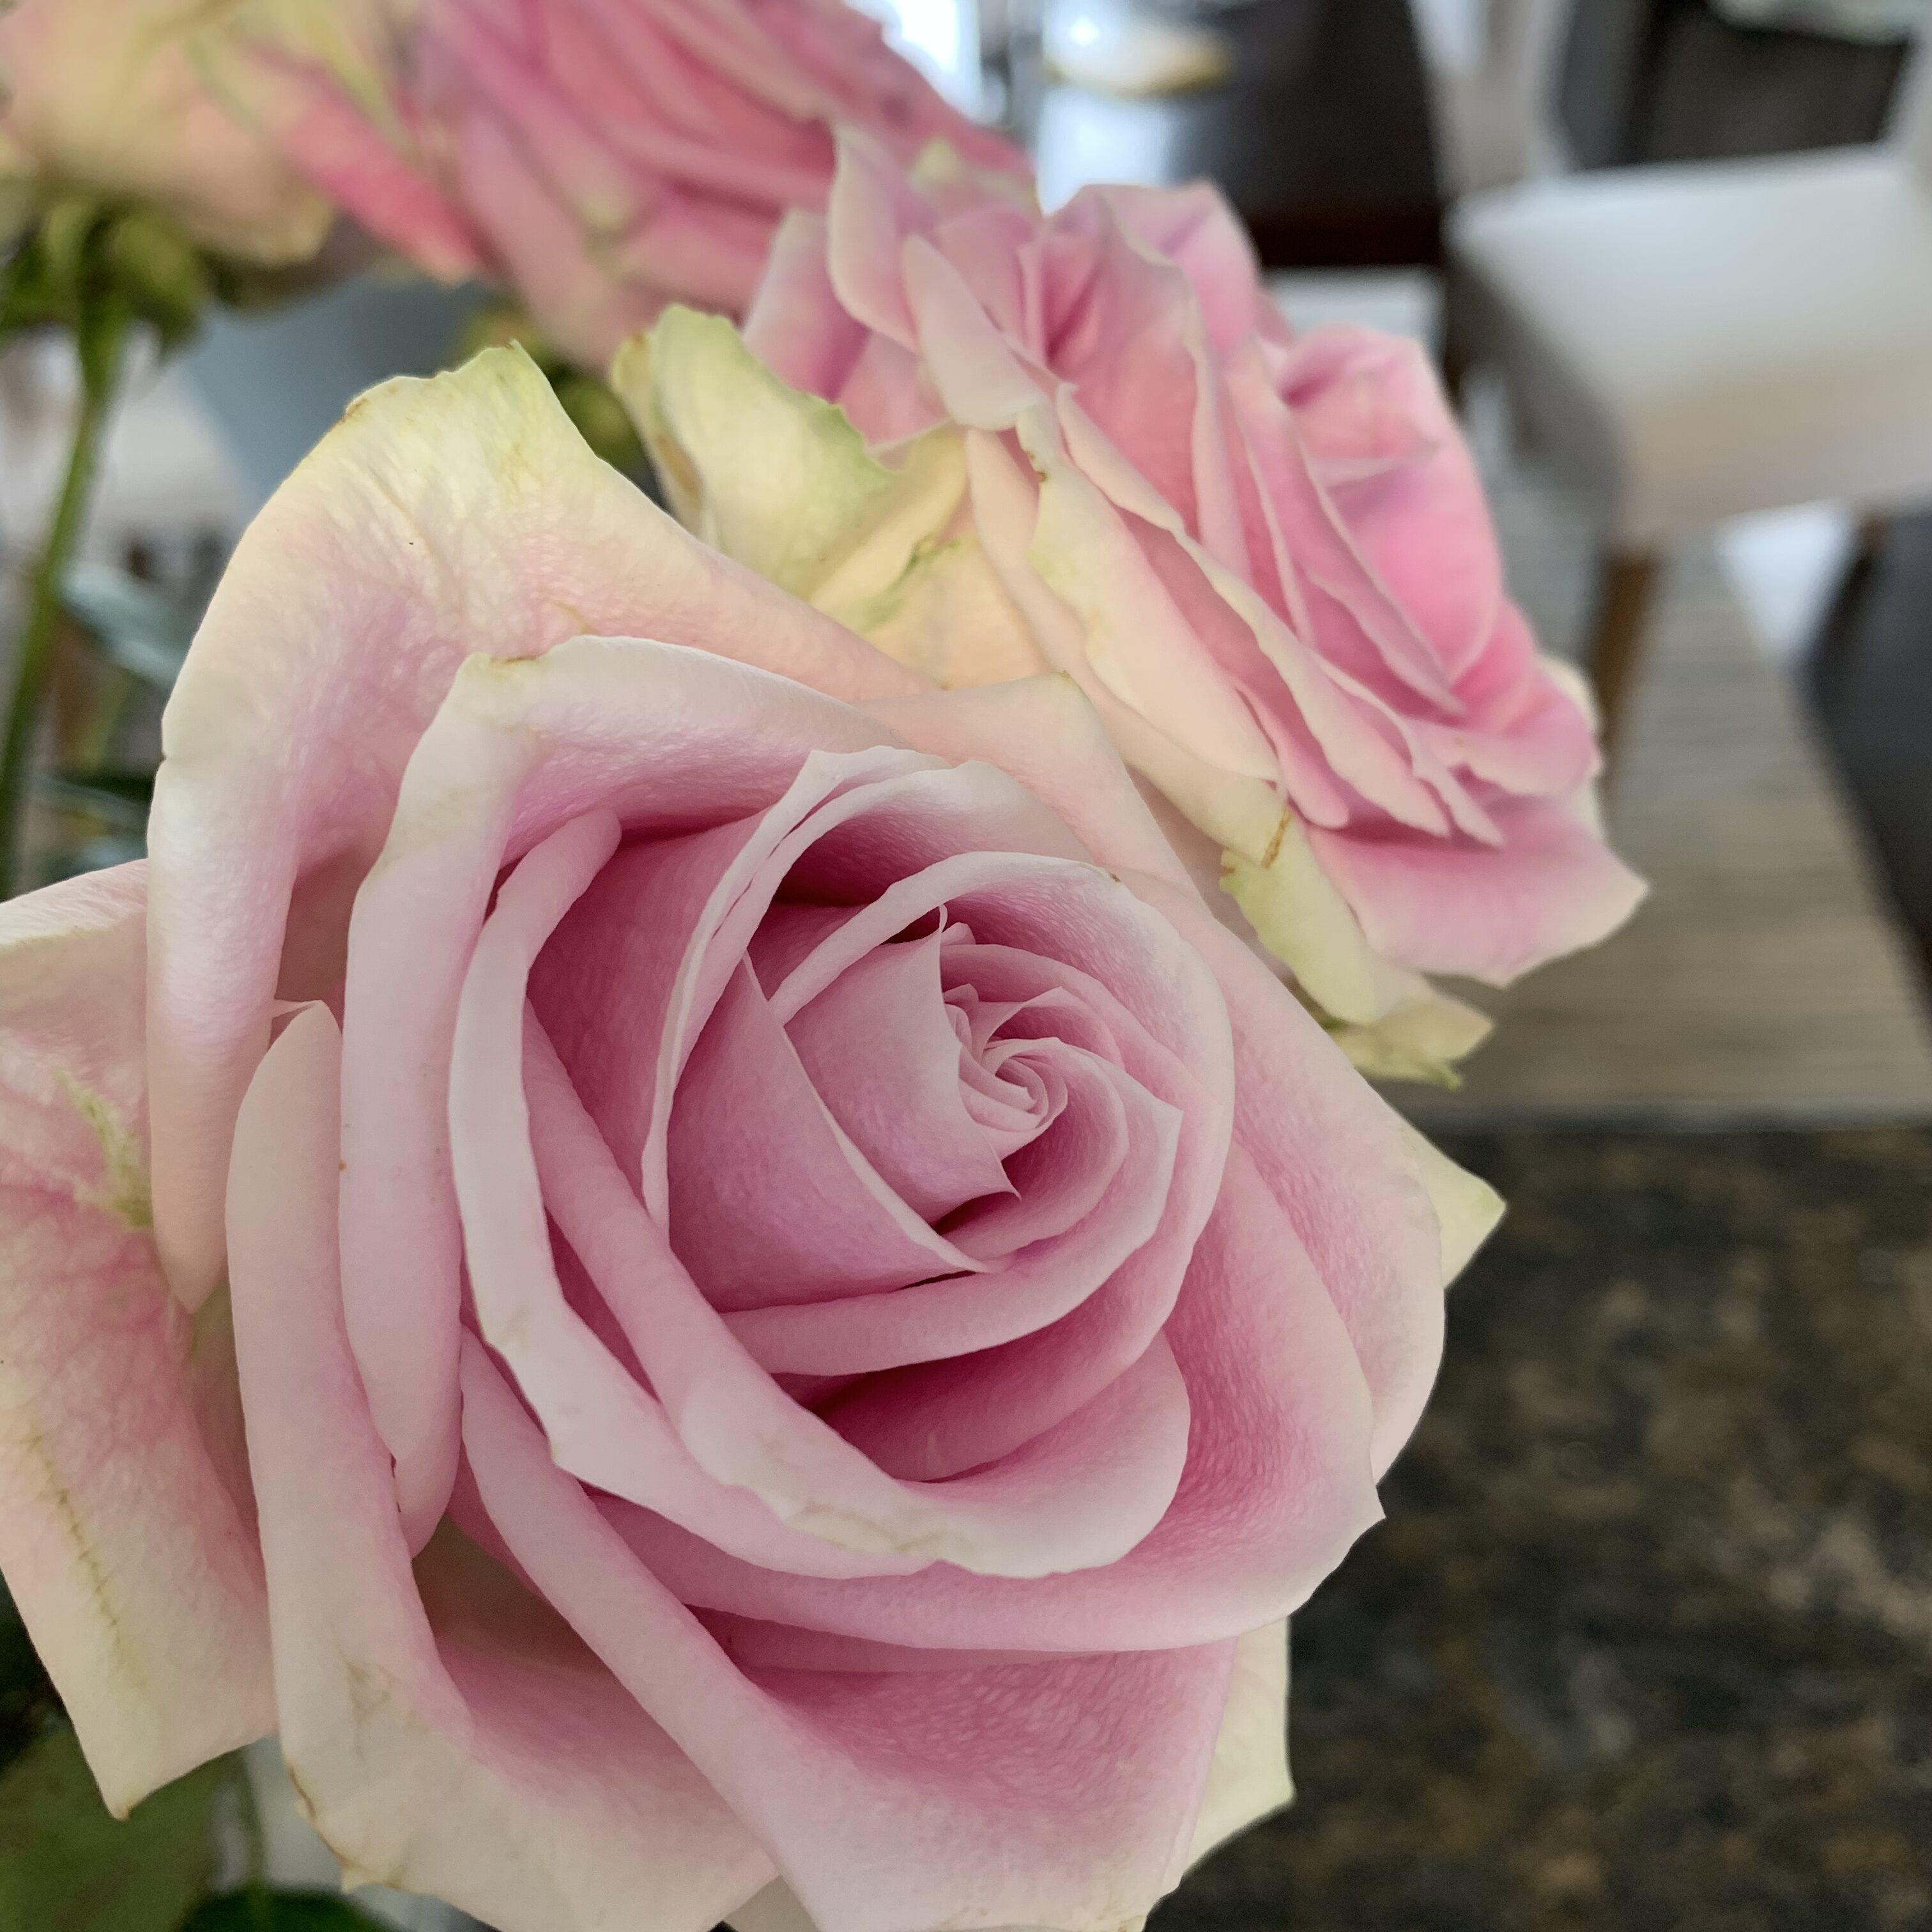 001AAF50 AFCA 44E7 A1A5 C3172DB5407E Roses